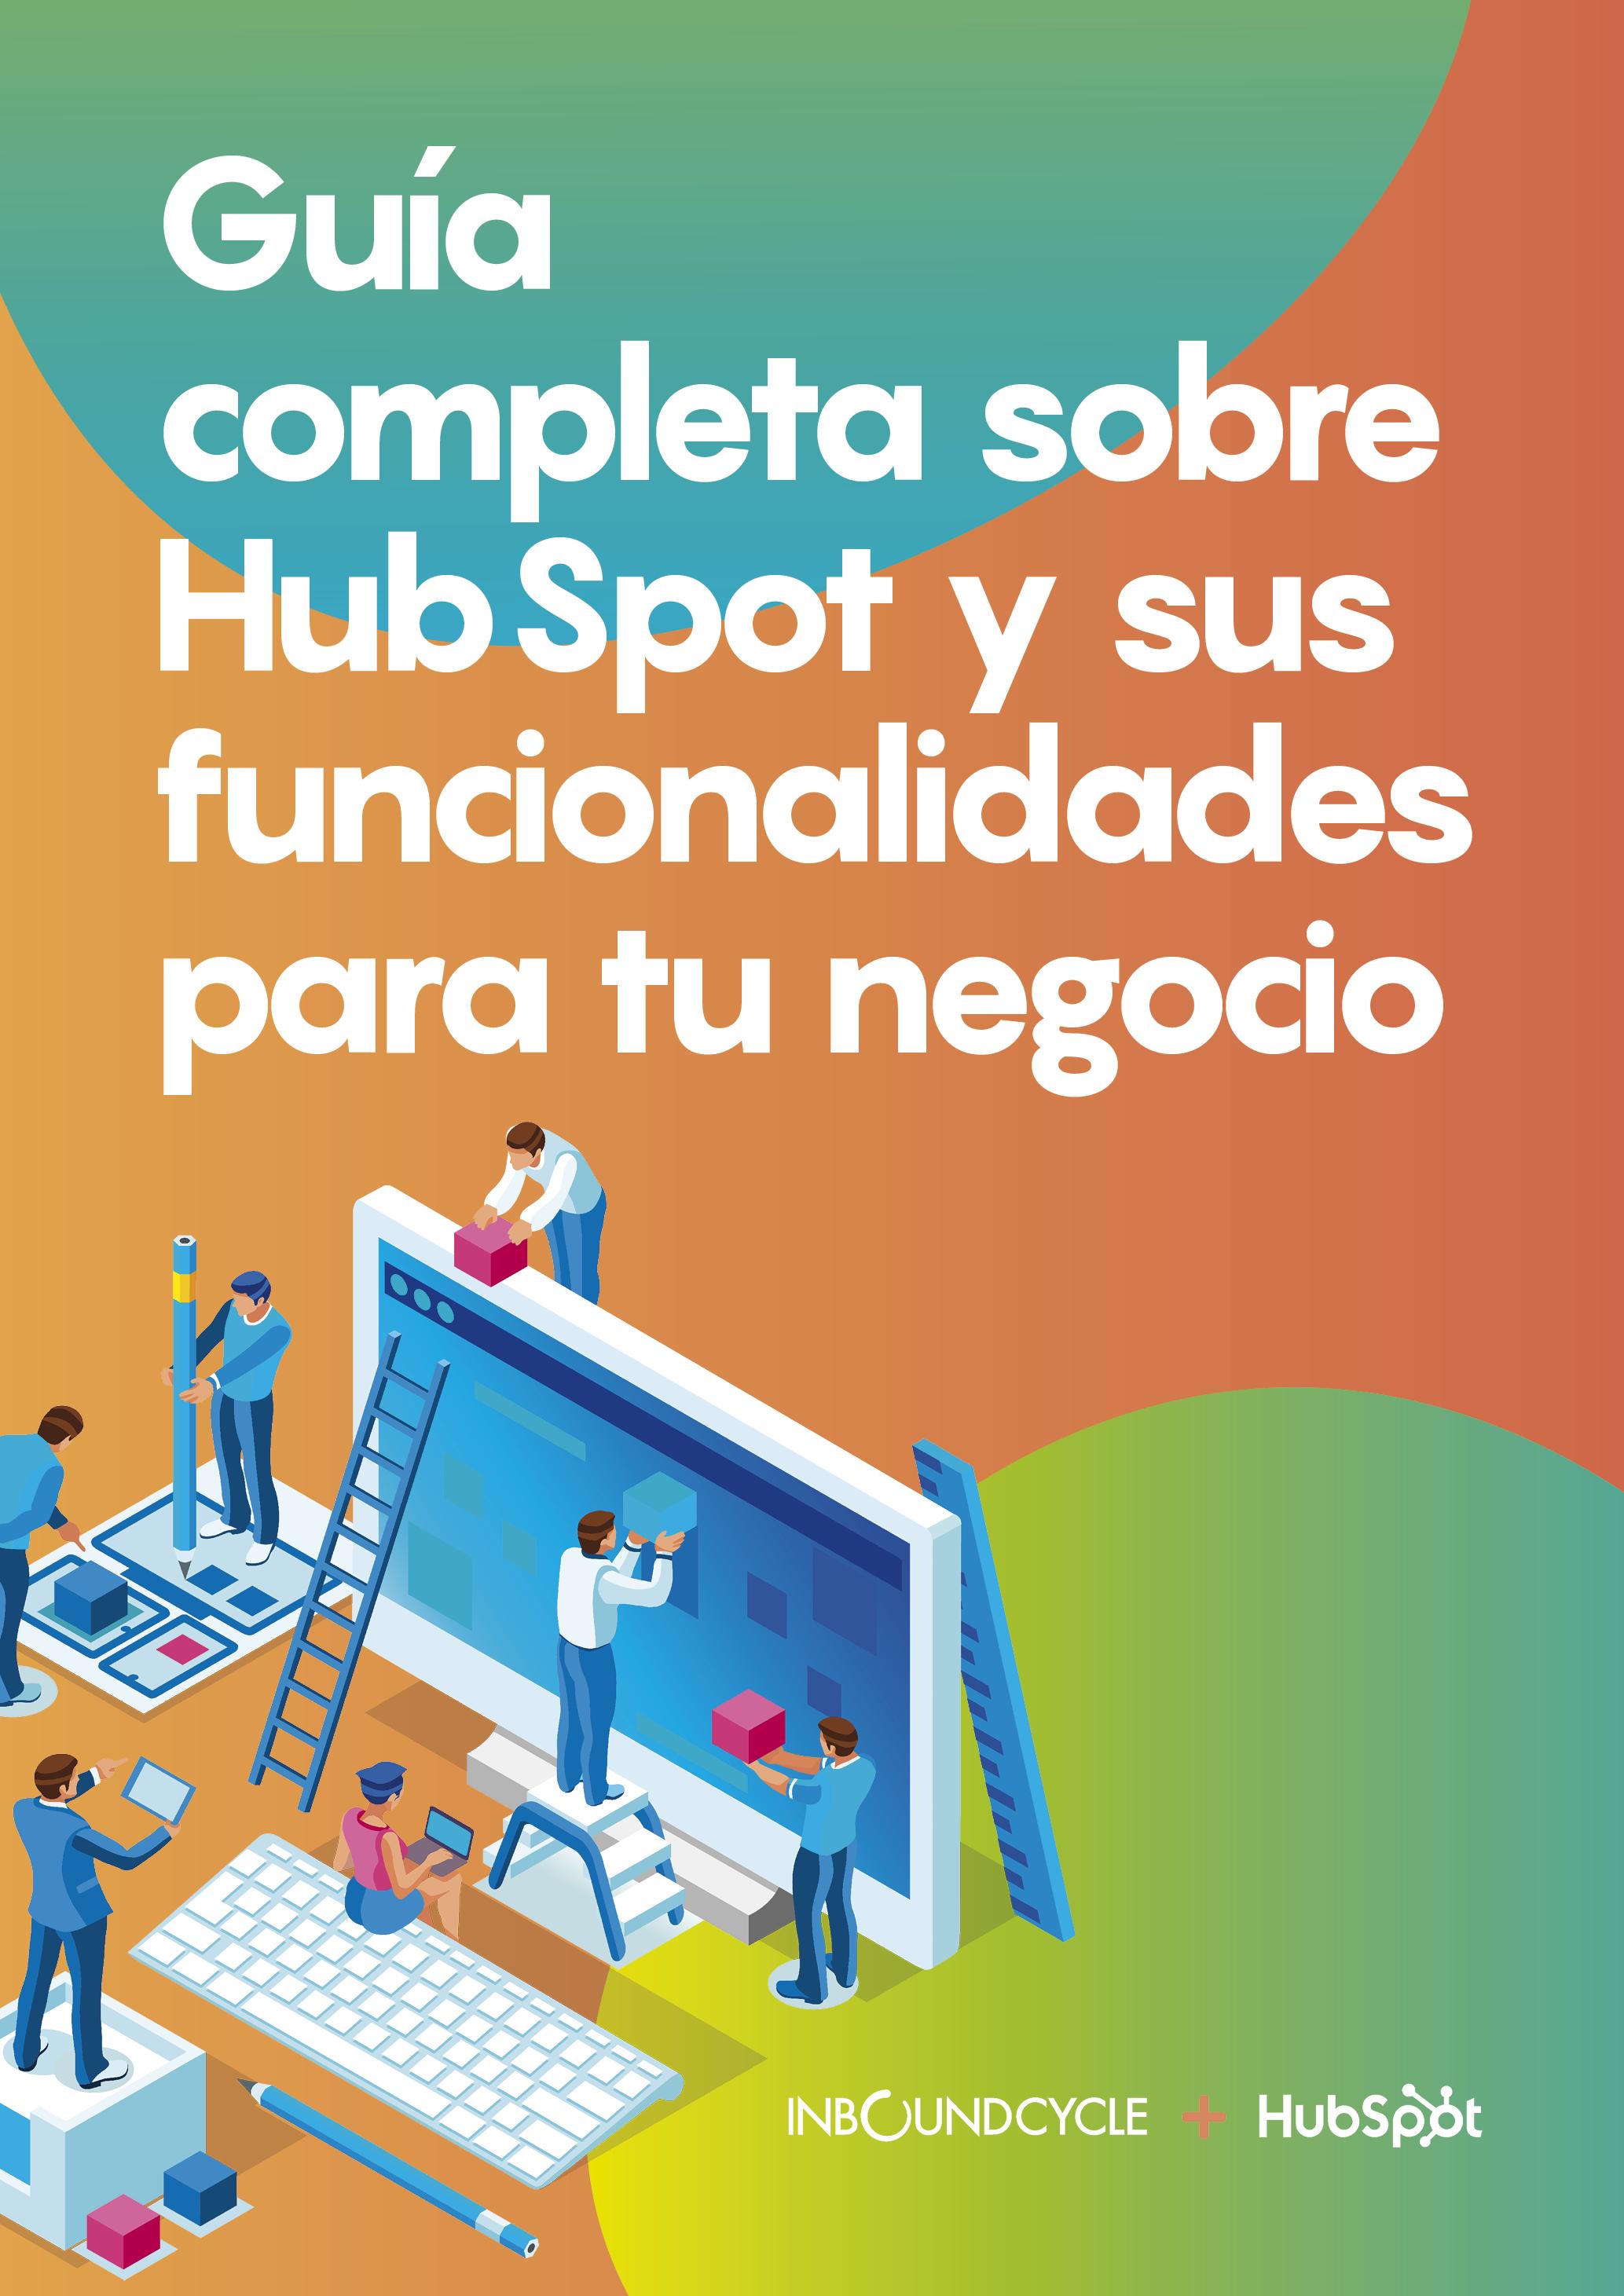 ICC - eBook - Guía completa sobre HubSpot y sus funcionalidades para tu negocio